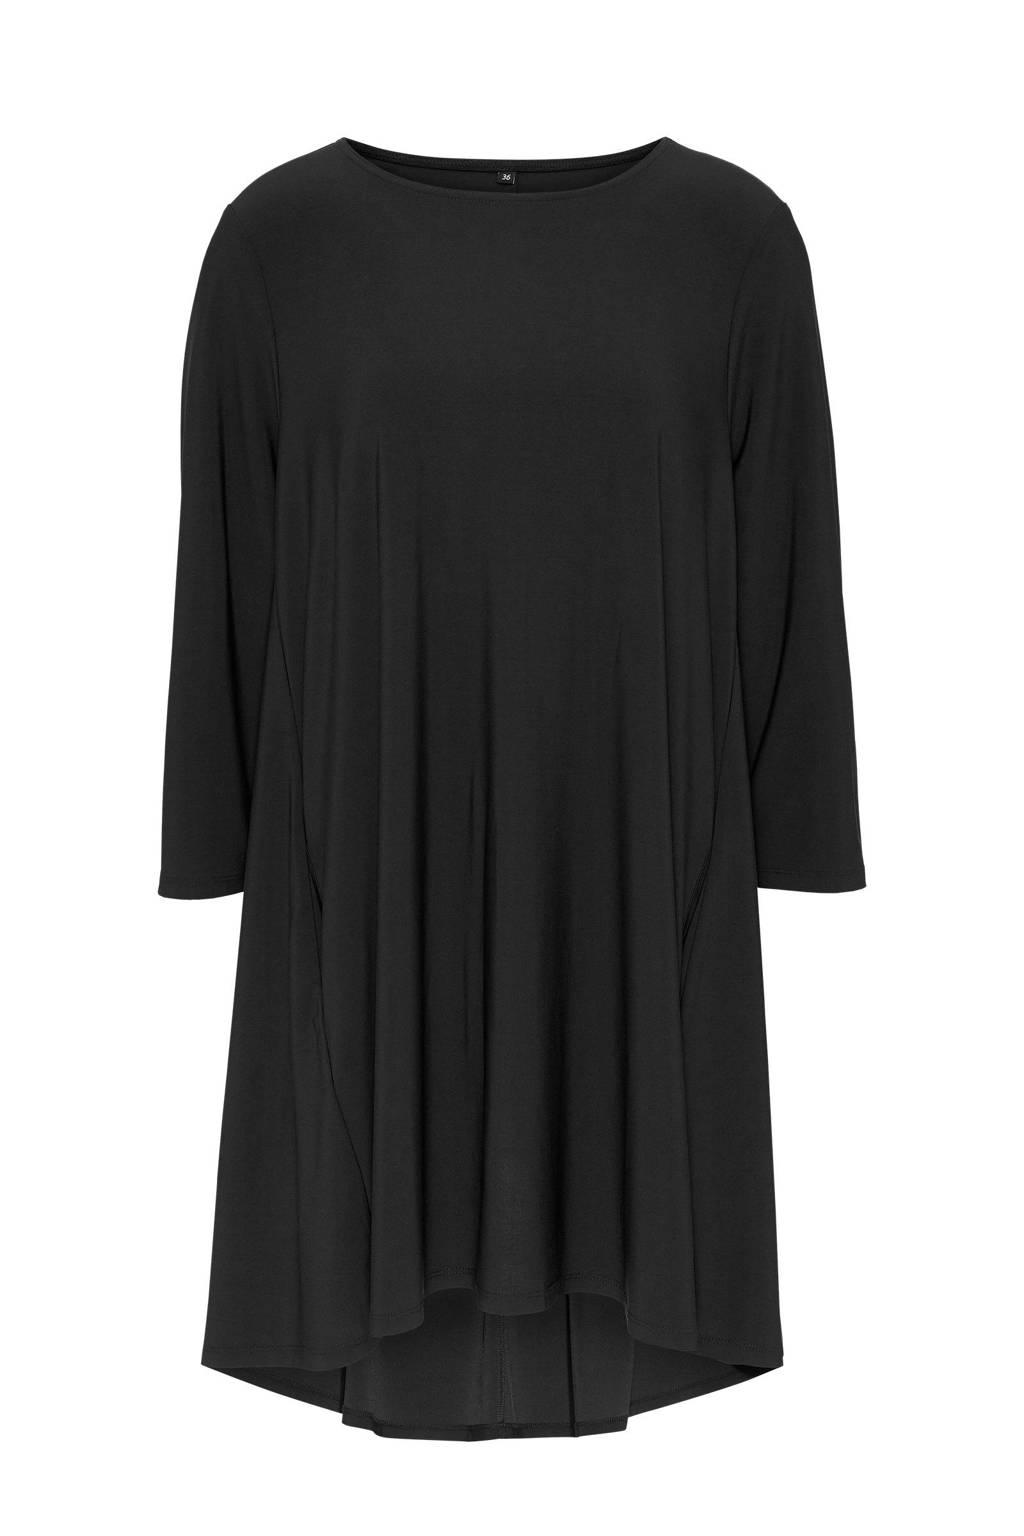 Didi jersey jurk zwart, Zwart